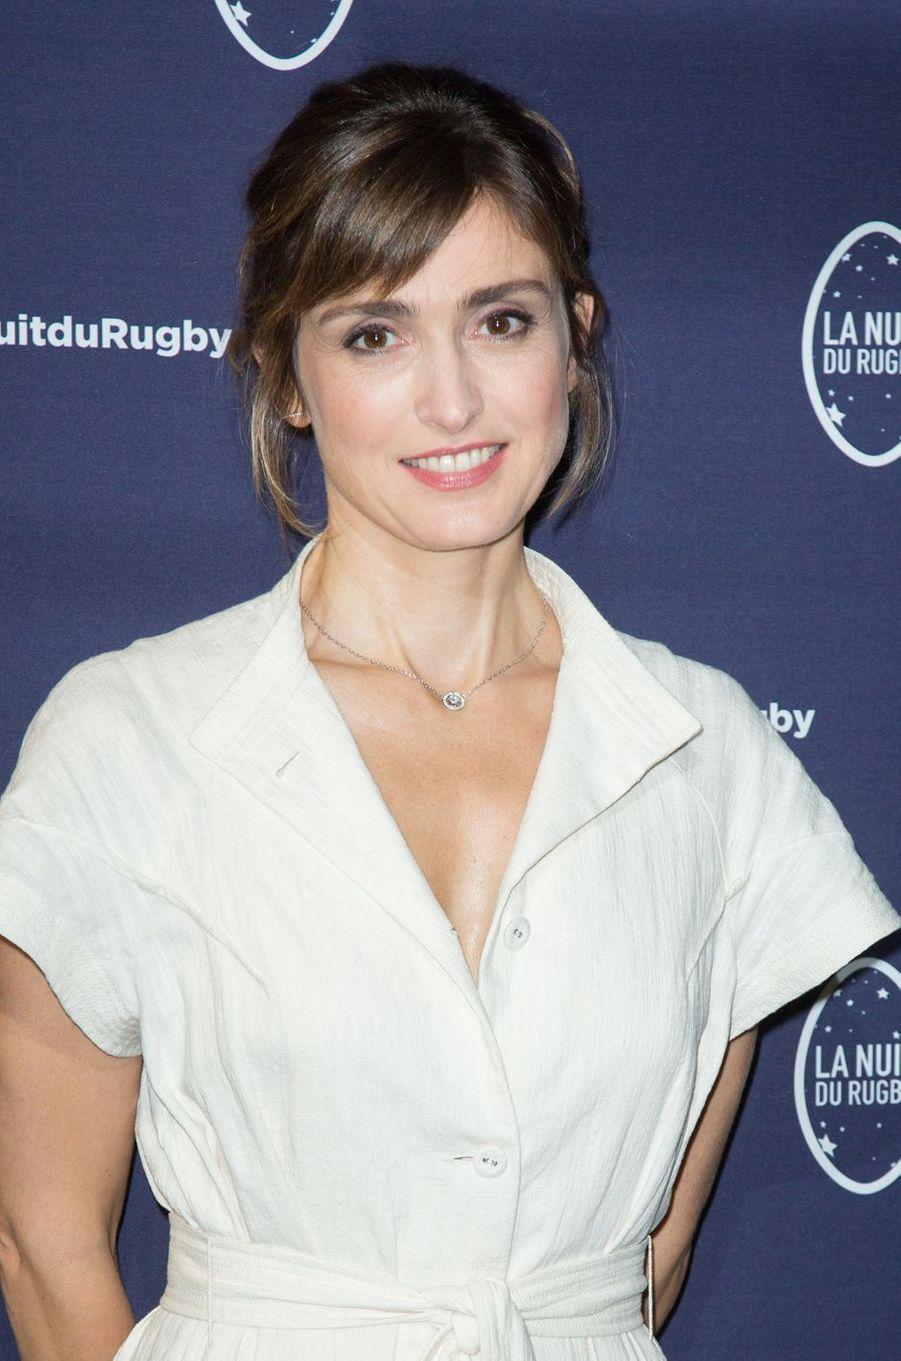 Julie Gayetàla 14ème nuit du rugby, le 18 septembre 2017 à l'Olympia.